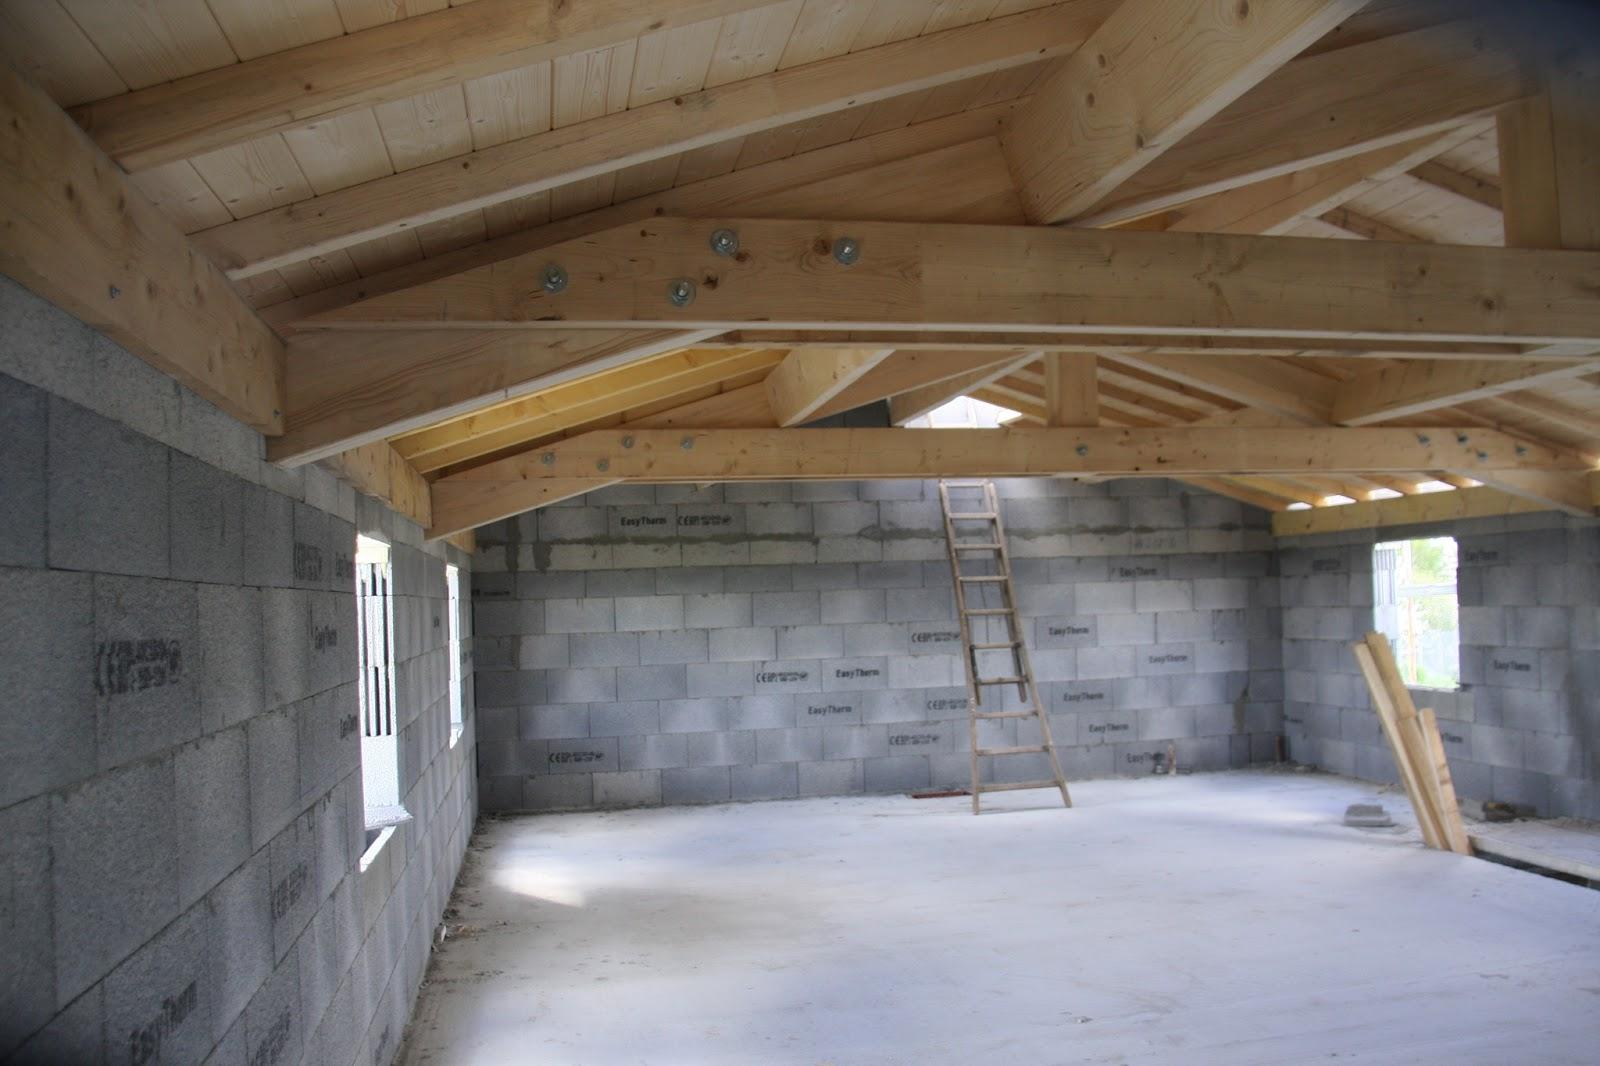 Hauteur Sous Plafond 2M40 sarl renolleau/arrive a gemozac 17: une maison charentaise